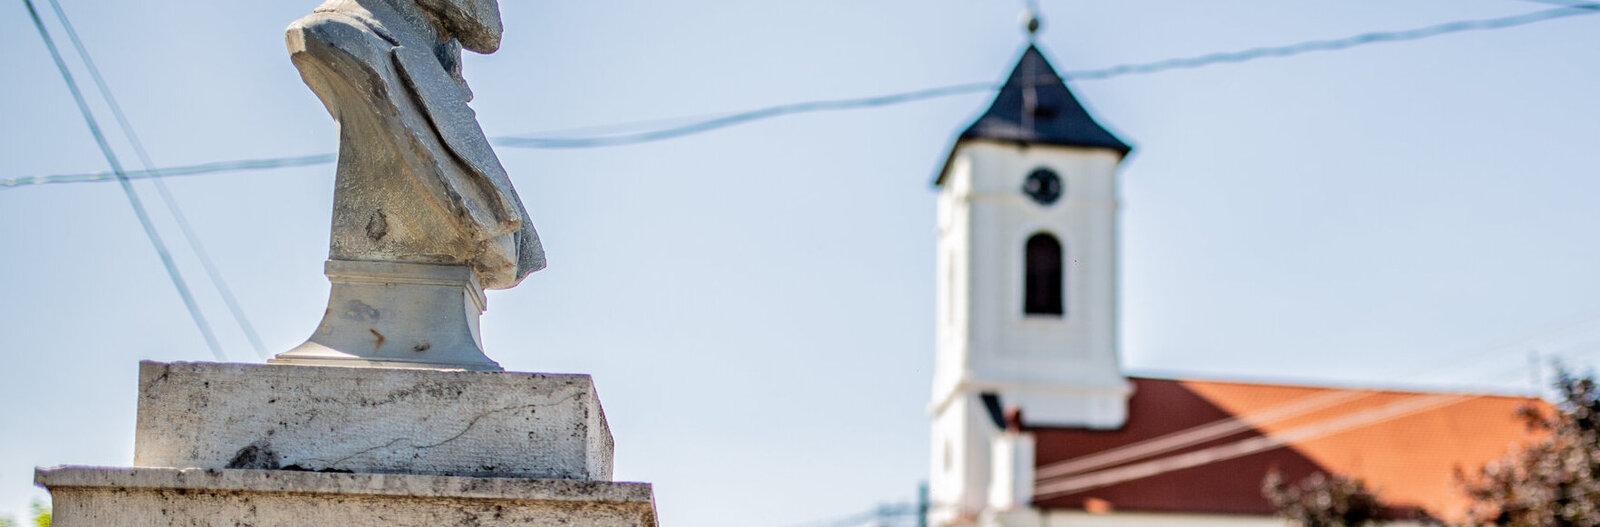 Az első Kossuth-szobortól az amerikai bombázókig – 8 balatoni szobor története